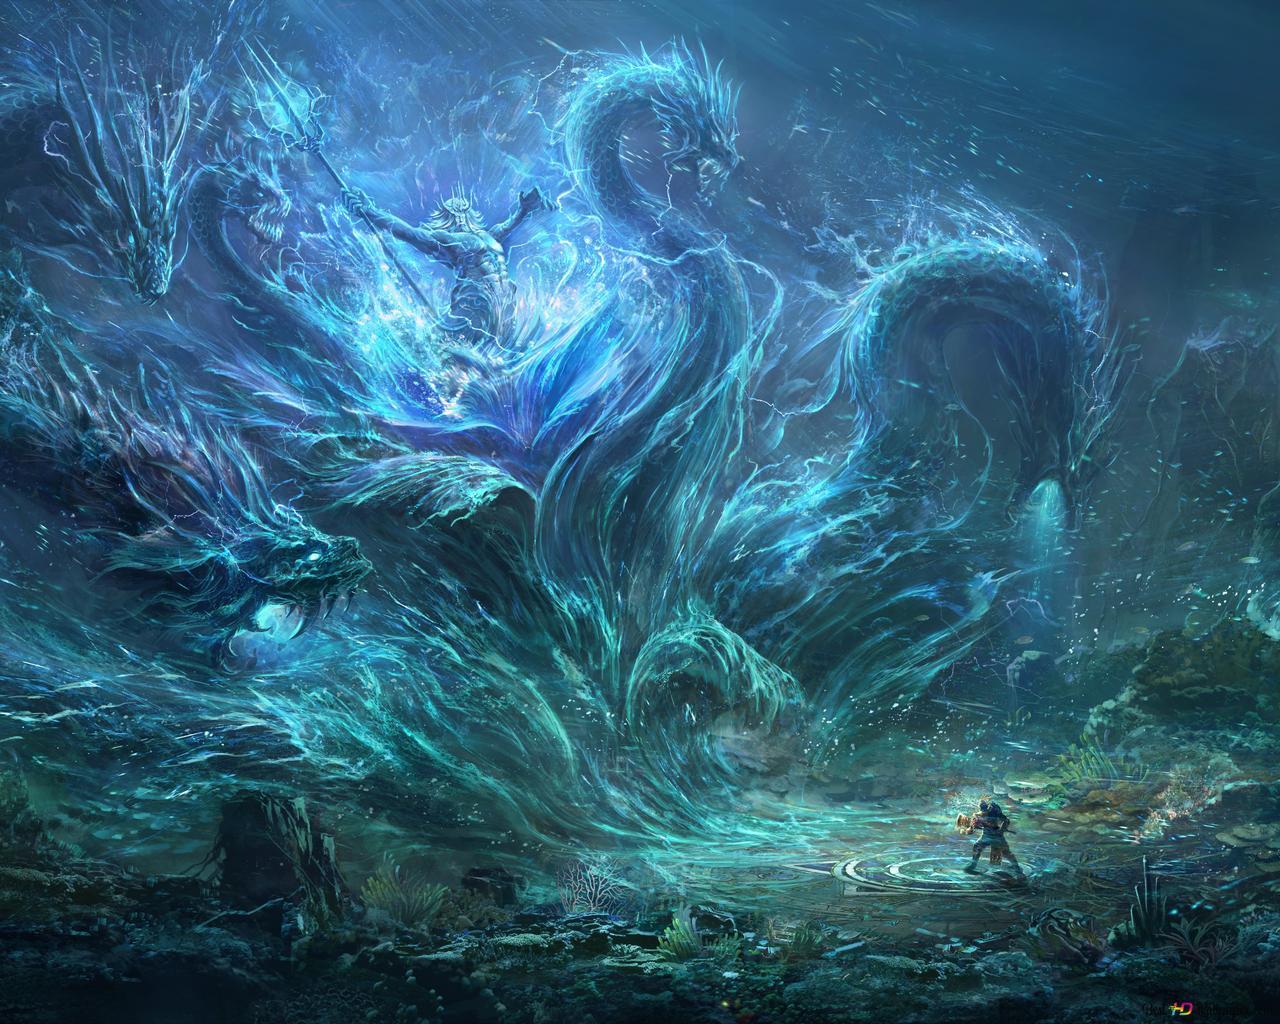 Crie um jutsu para um personagem Sea-monsters-papel-de-parede-1280x1024-28287_32